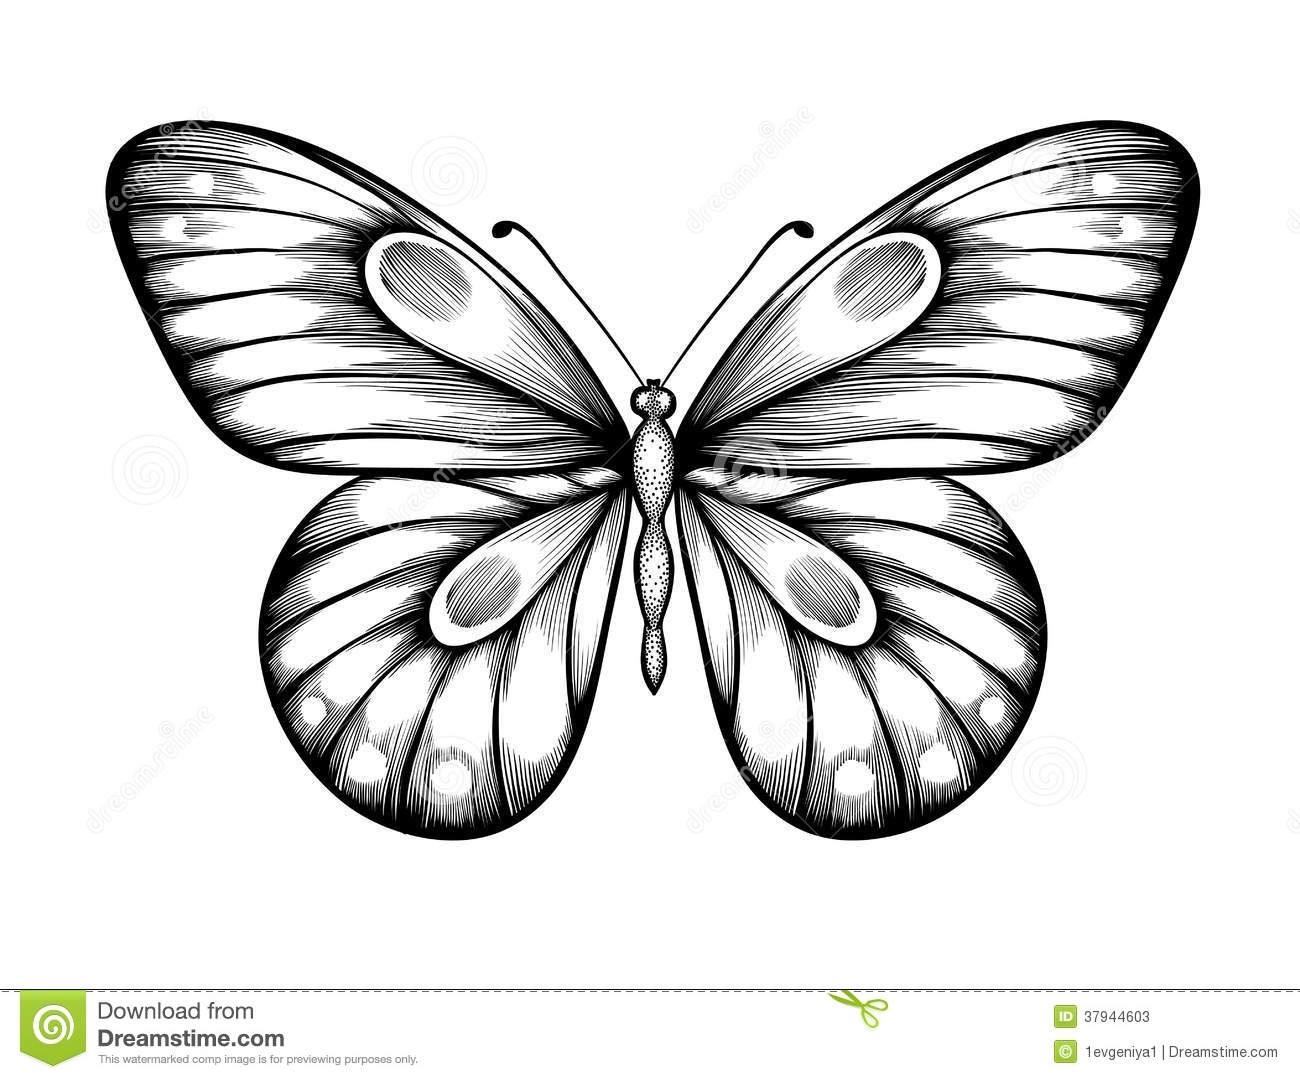 Бабочка чб рисунок и картинки красивые019